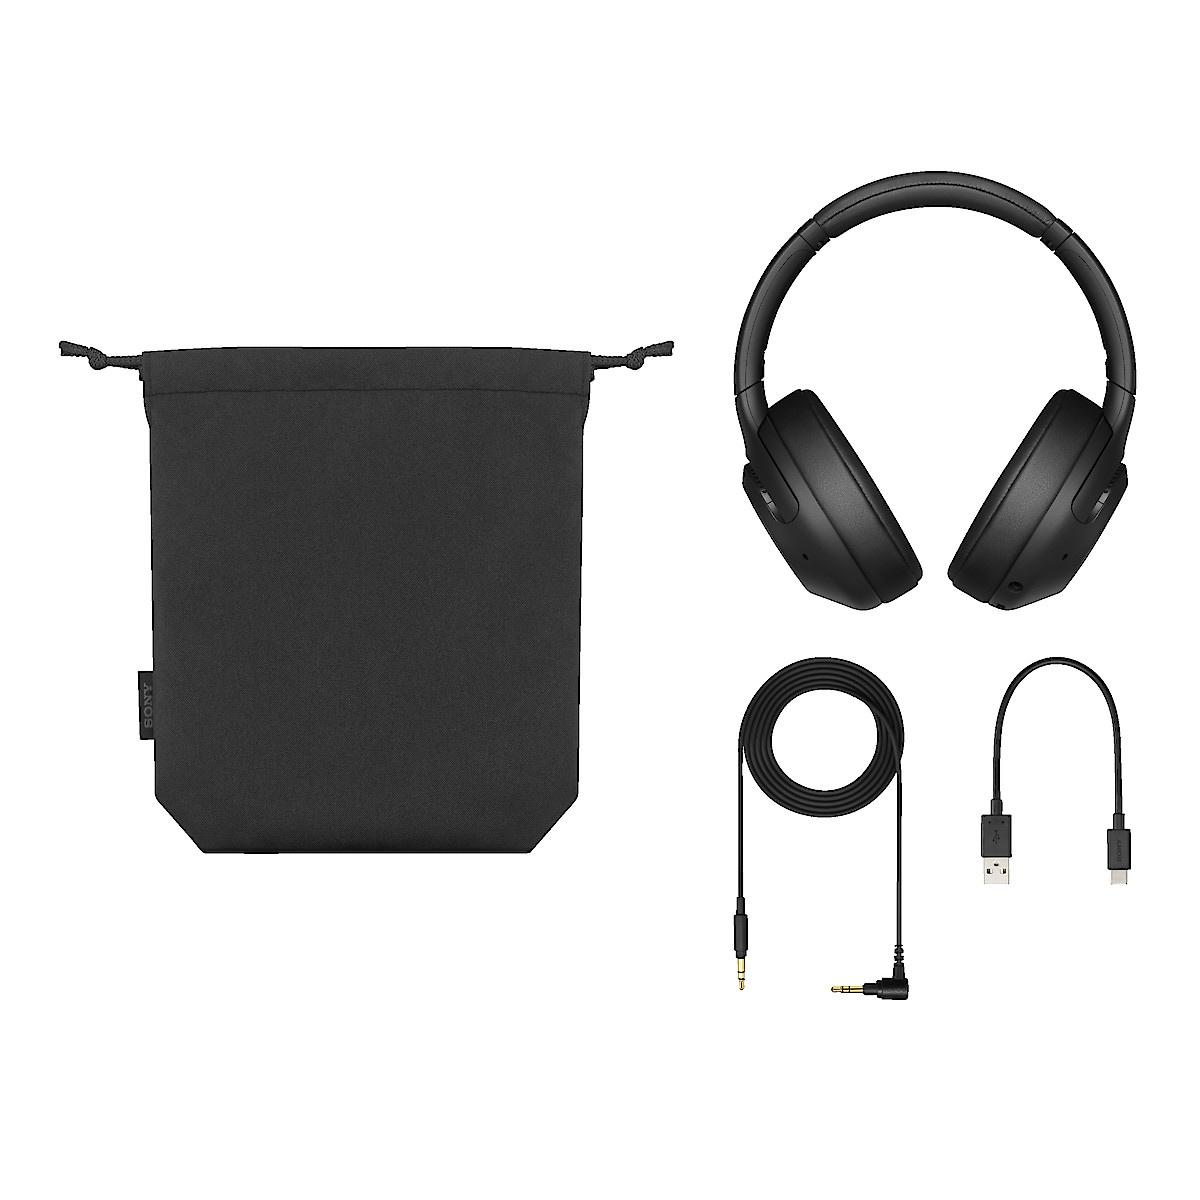 Trådlösa brusreducerande hörlurar, Sony WH-XB900